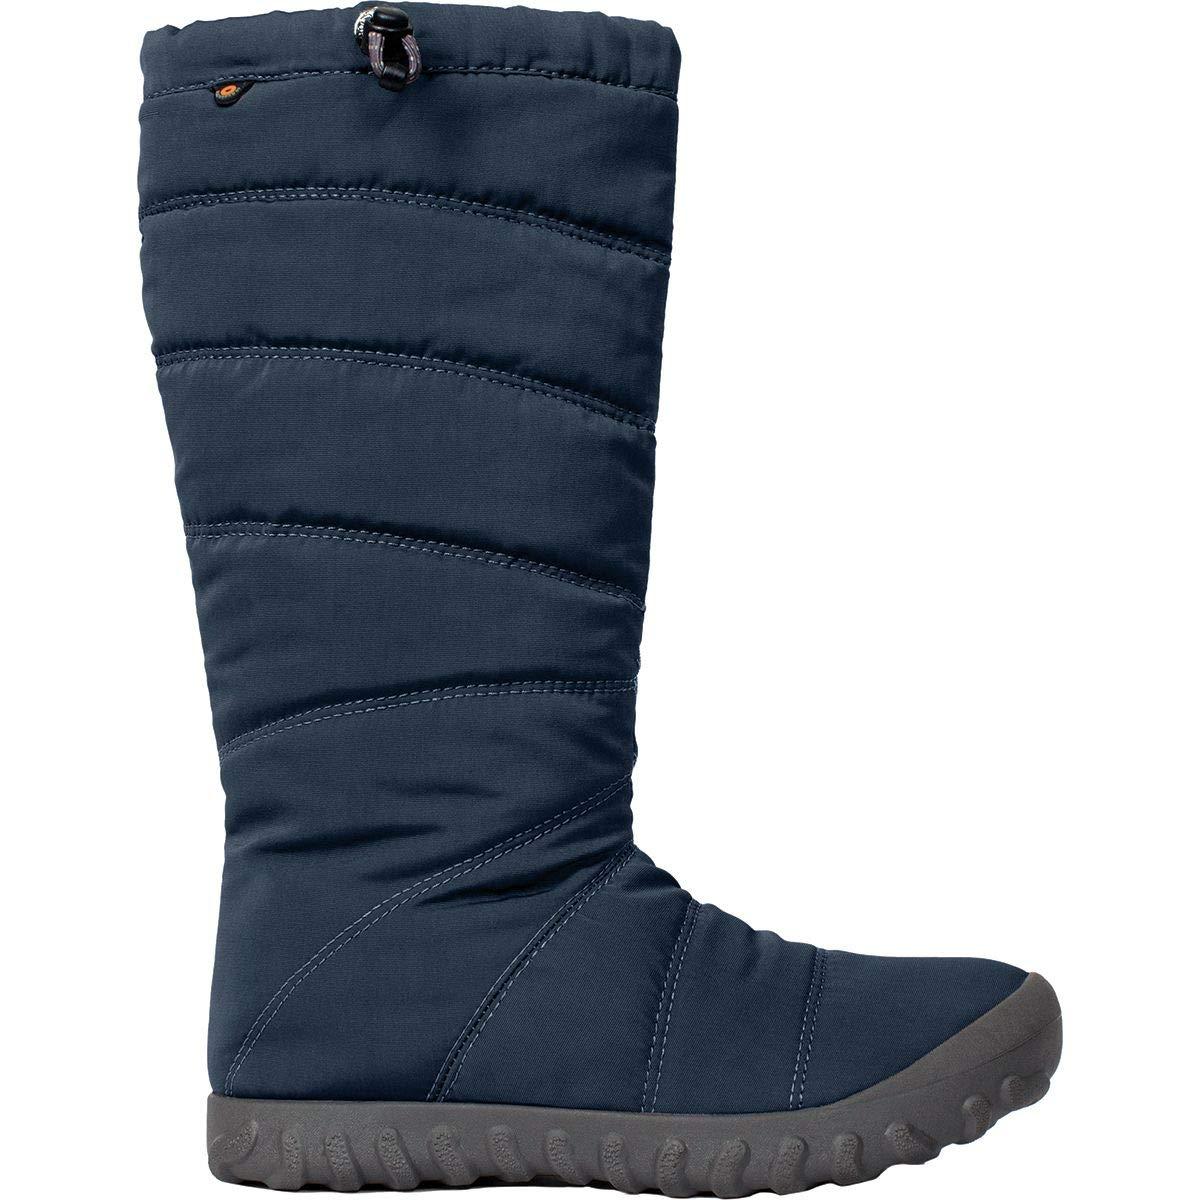 376d74f934f03 Bogs Womens B Puffy Tall Snow Boot